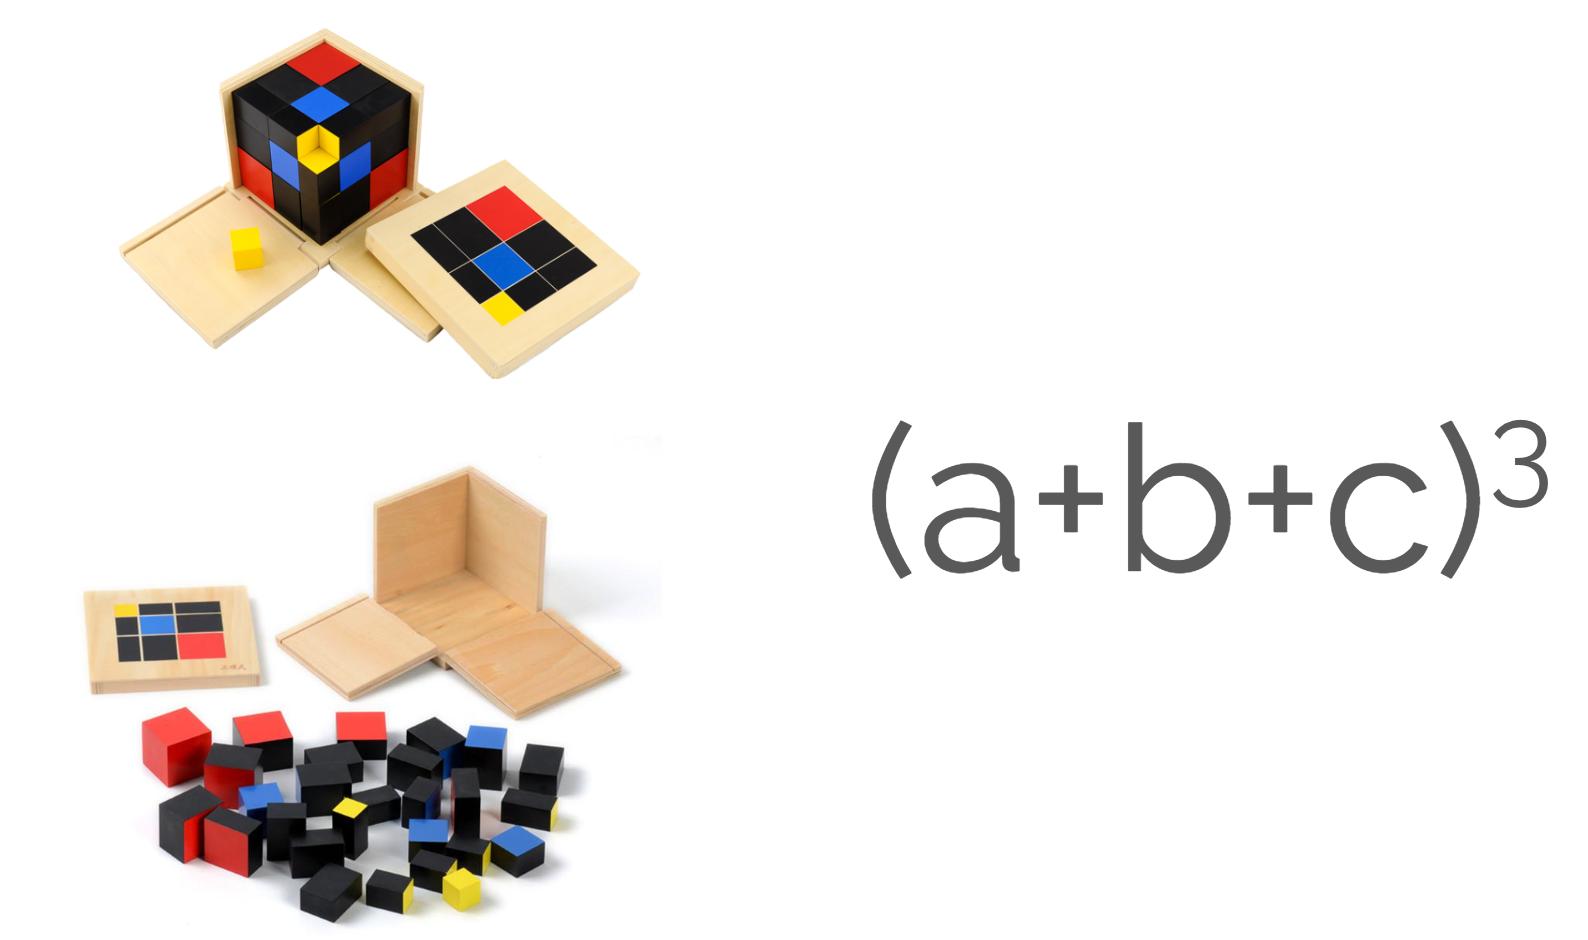 Les cubes du binôme et du trinôme que les enfants des classes Montessori affectionnent beaucoup